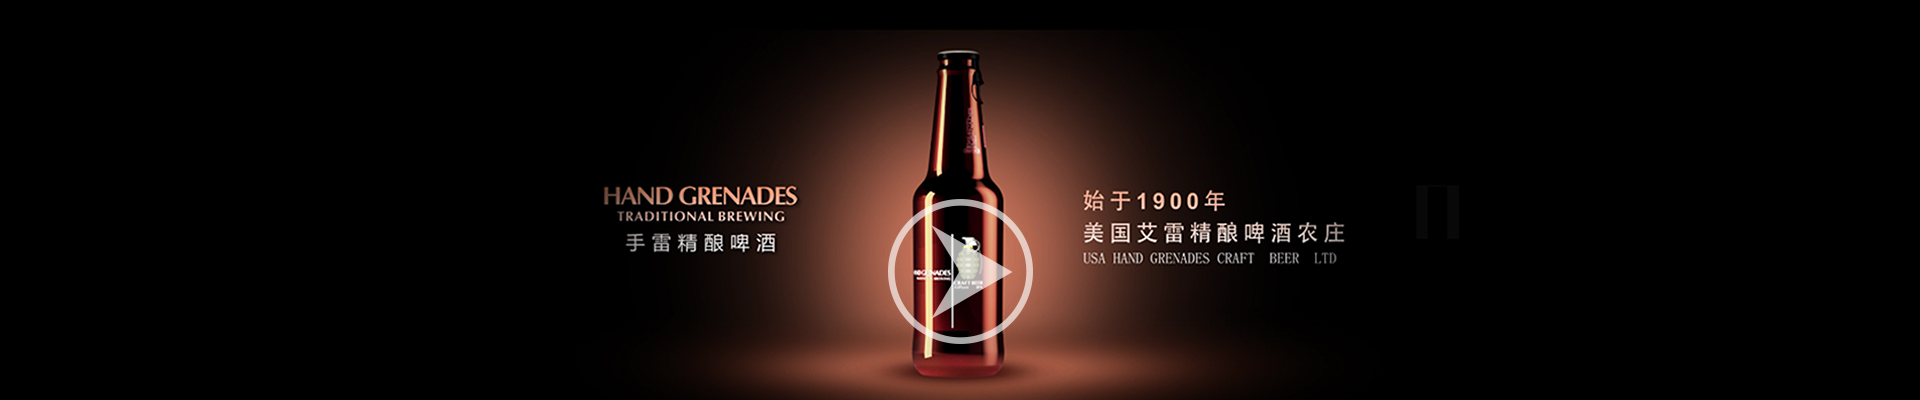 美国蓝带啤酒集团(中国)有限公司